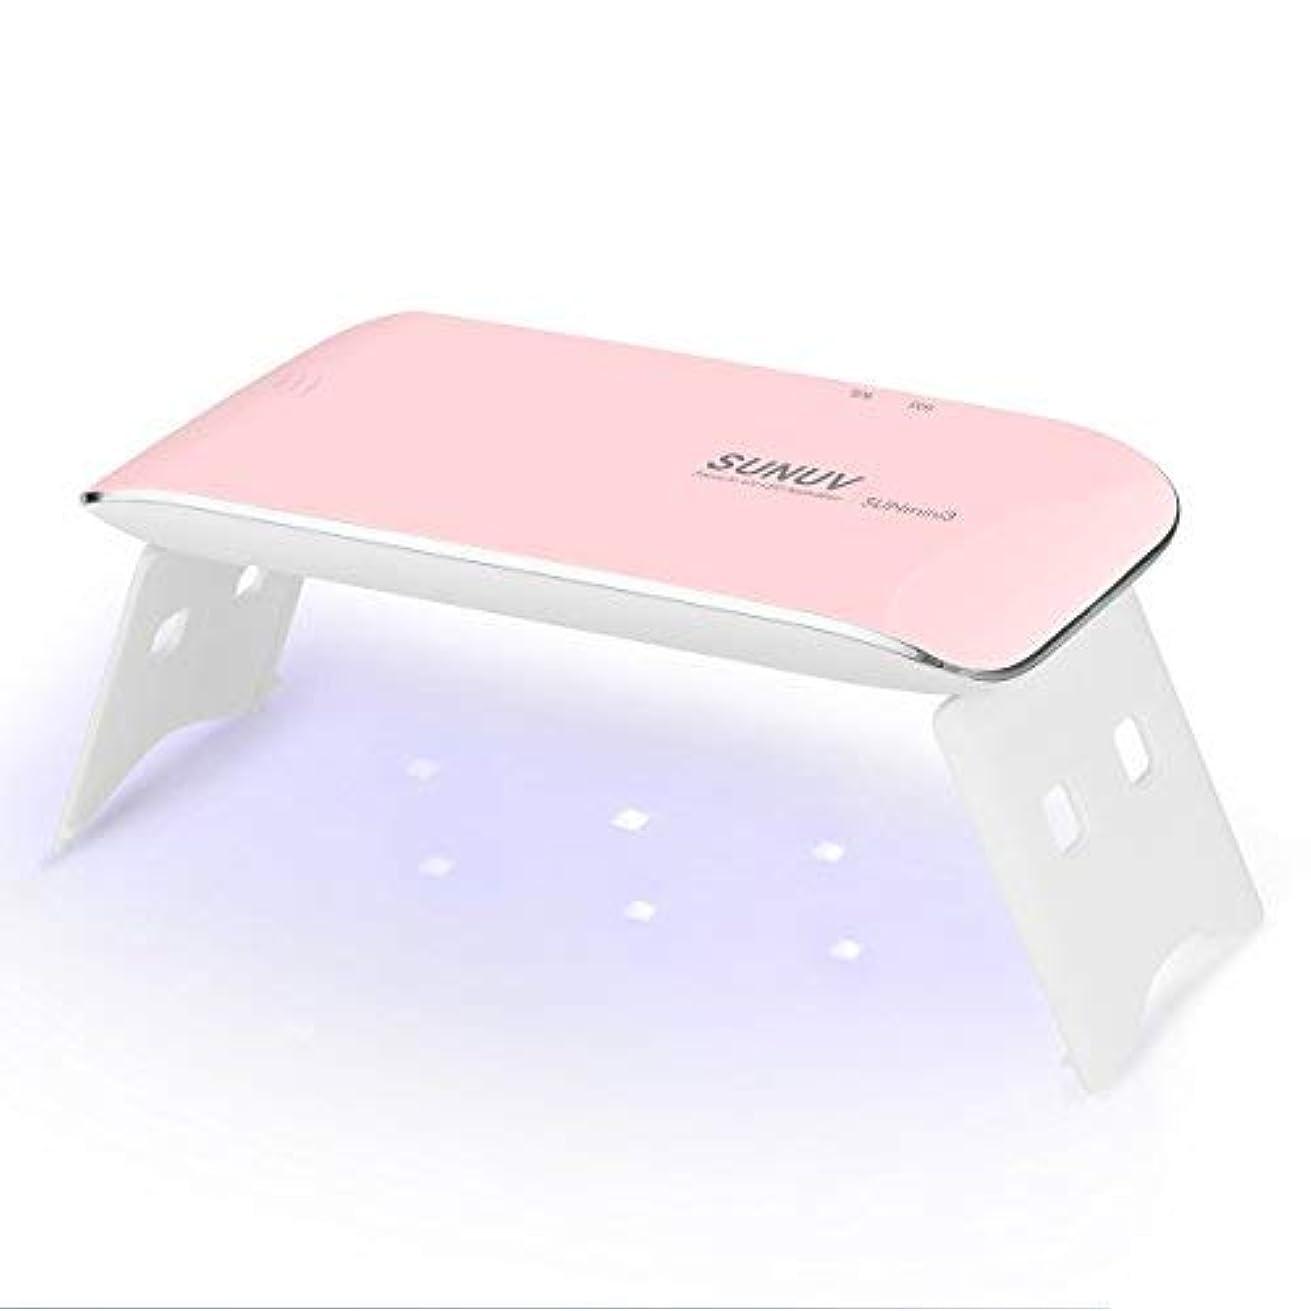 レンジ三登録するSUNUV UV LEDライト ネイルドライヤー mini ミニ ジェルネイルライト 日本語説明書 ネイルライト 6W 初心者 電池 USB給電 2倍の長寿命 カワイイ 携帯式 一年保証期間